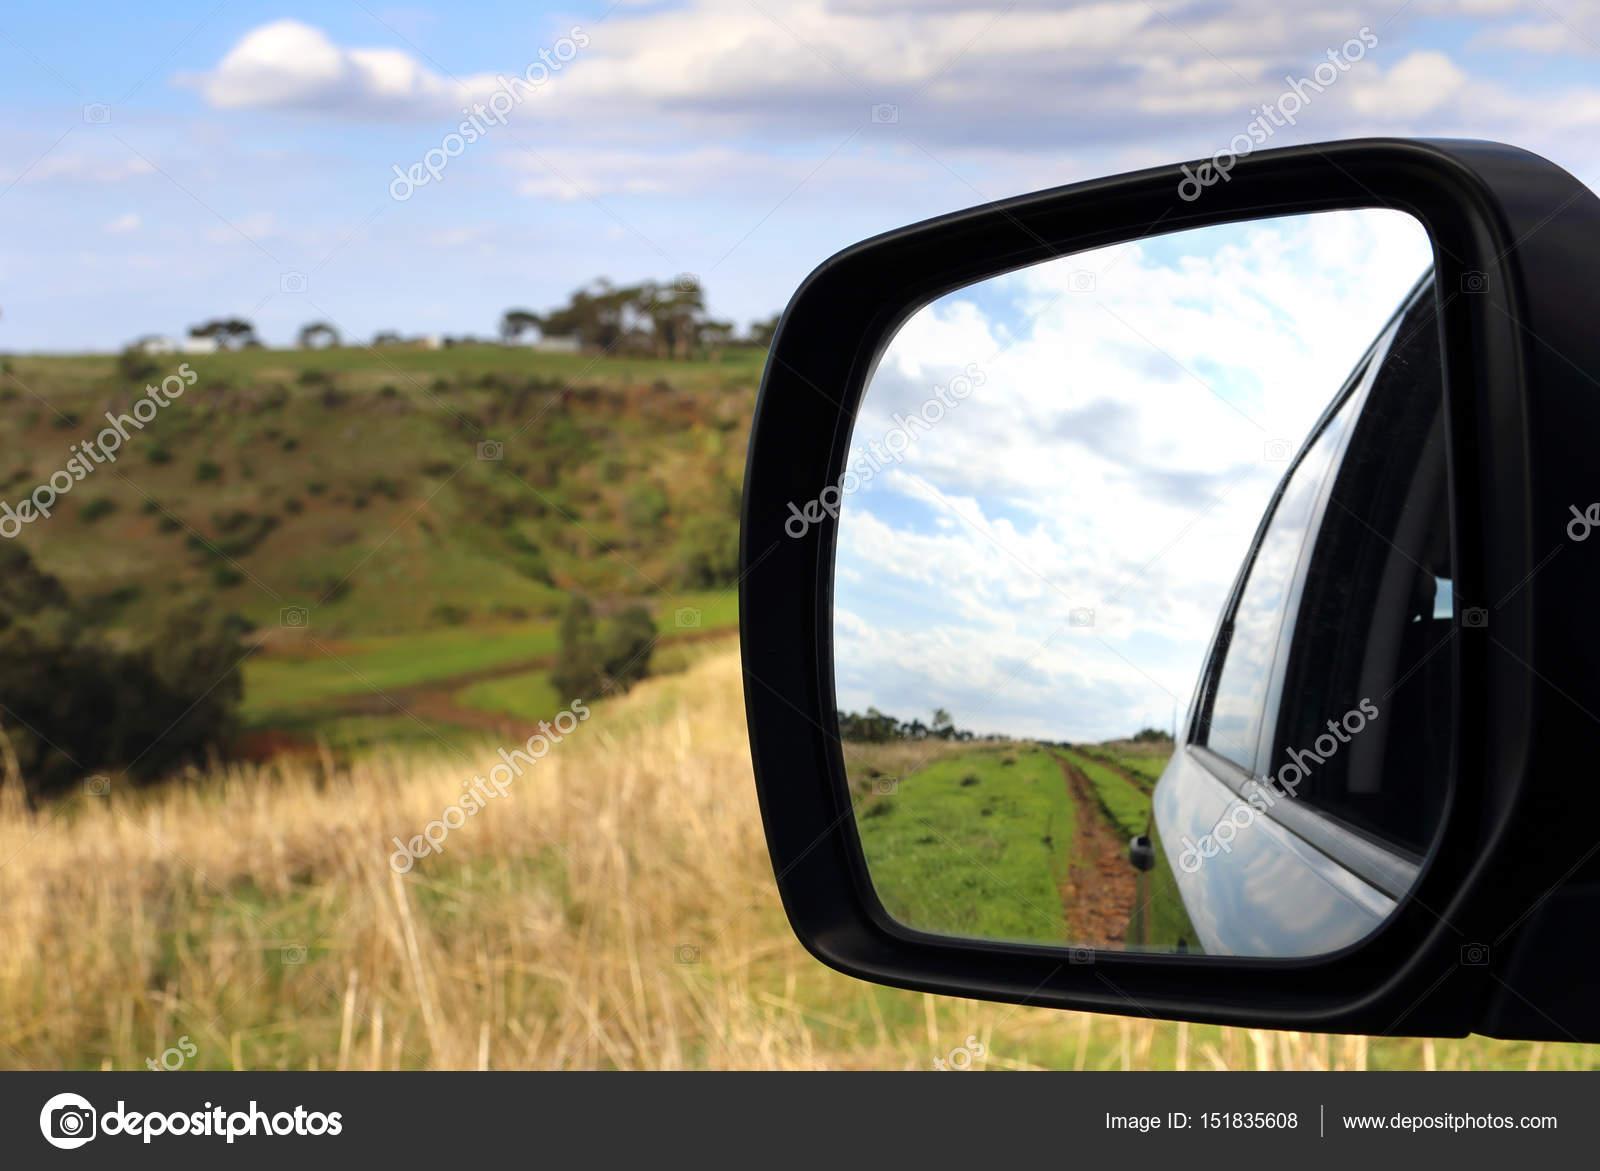 Resultado de imagen de espejo en el camino en la carretera